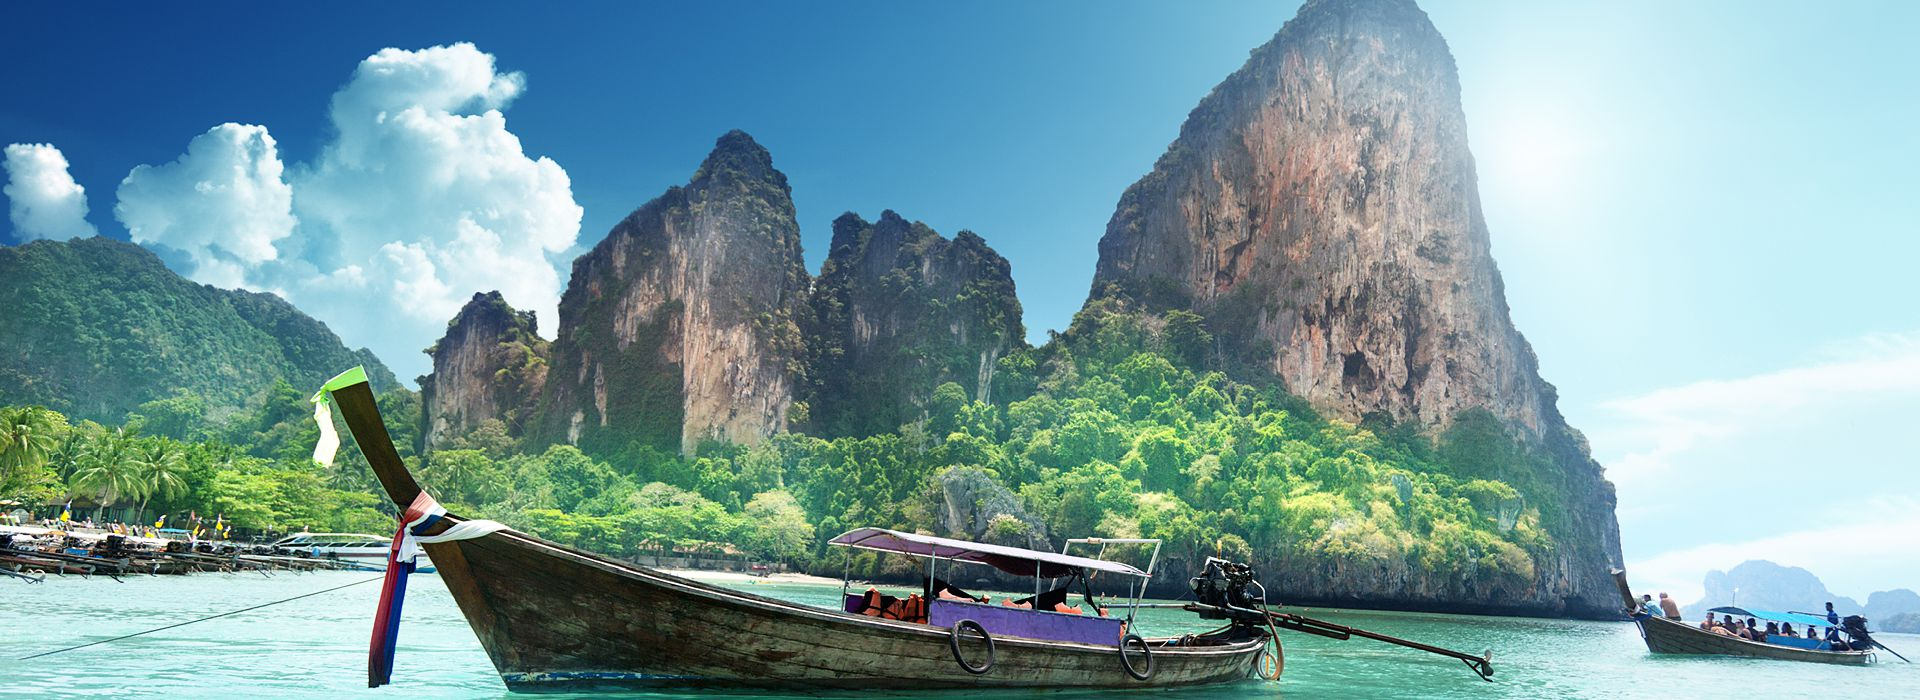 Таиланд продлил режим освобождения от визовых сборов для туристов до 30 апреля